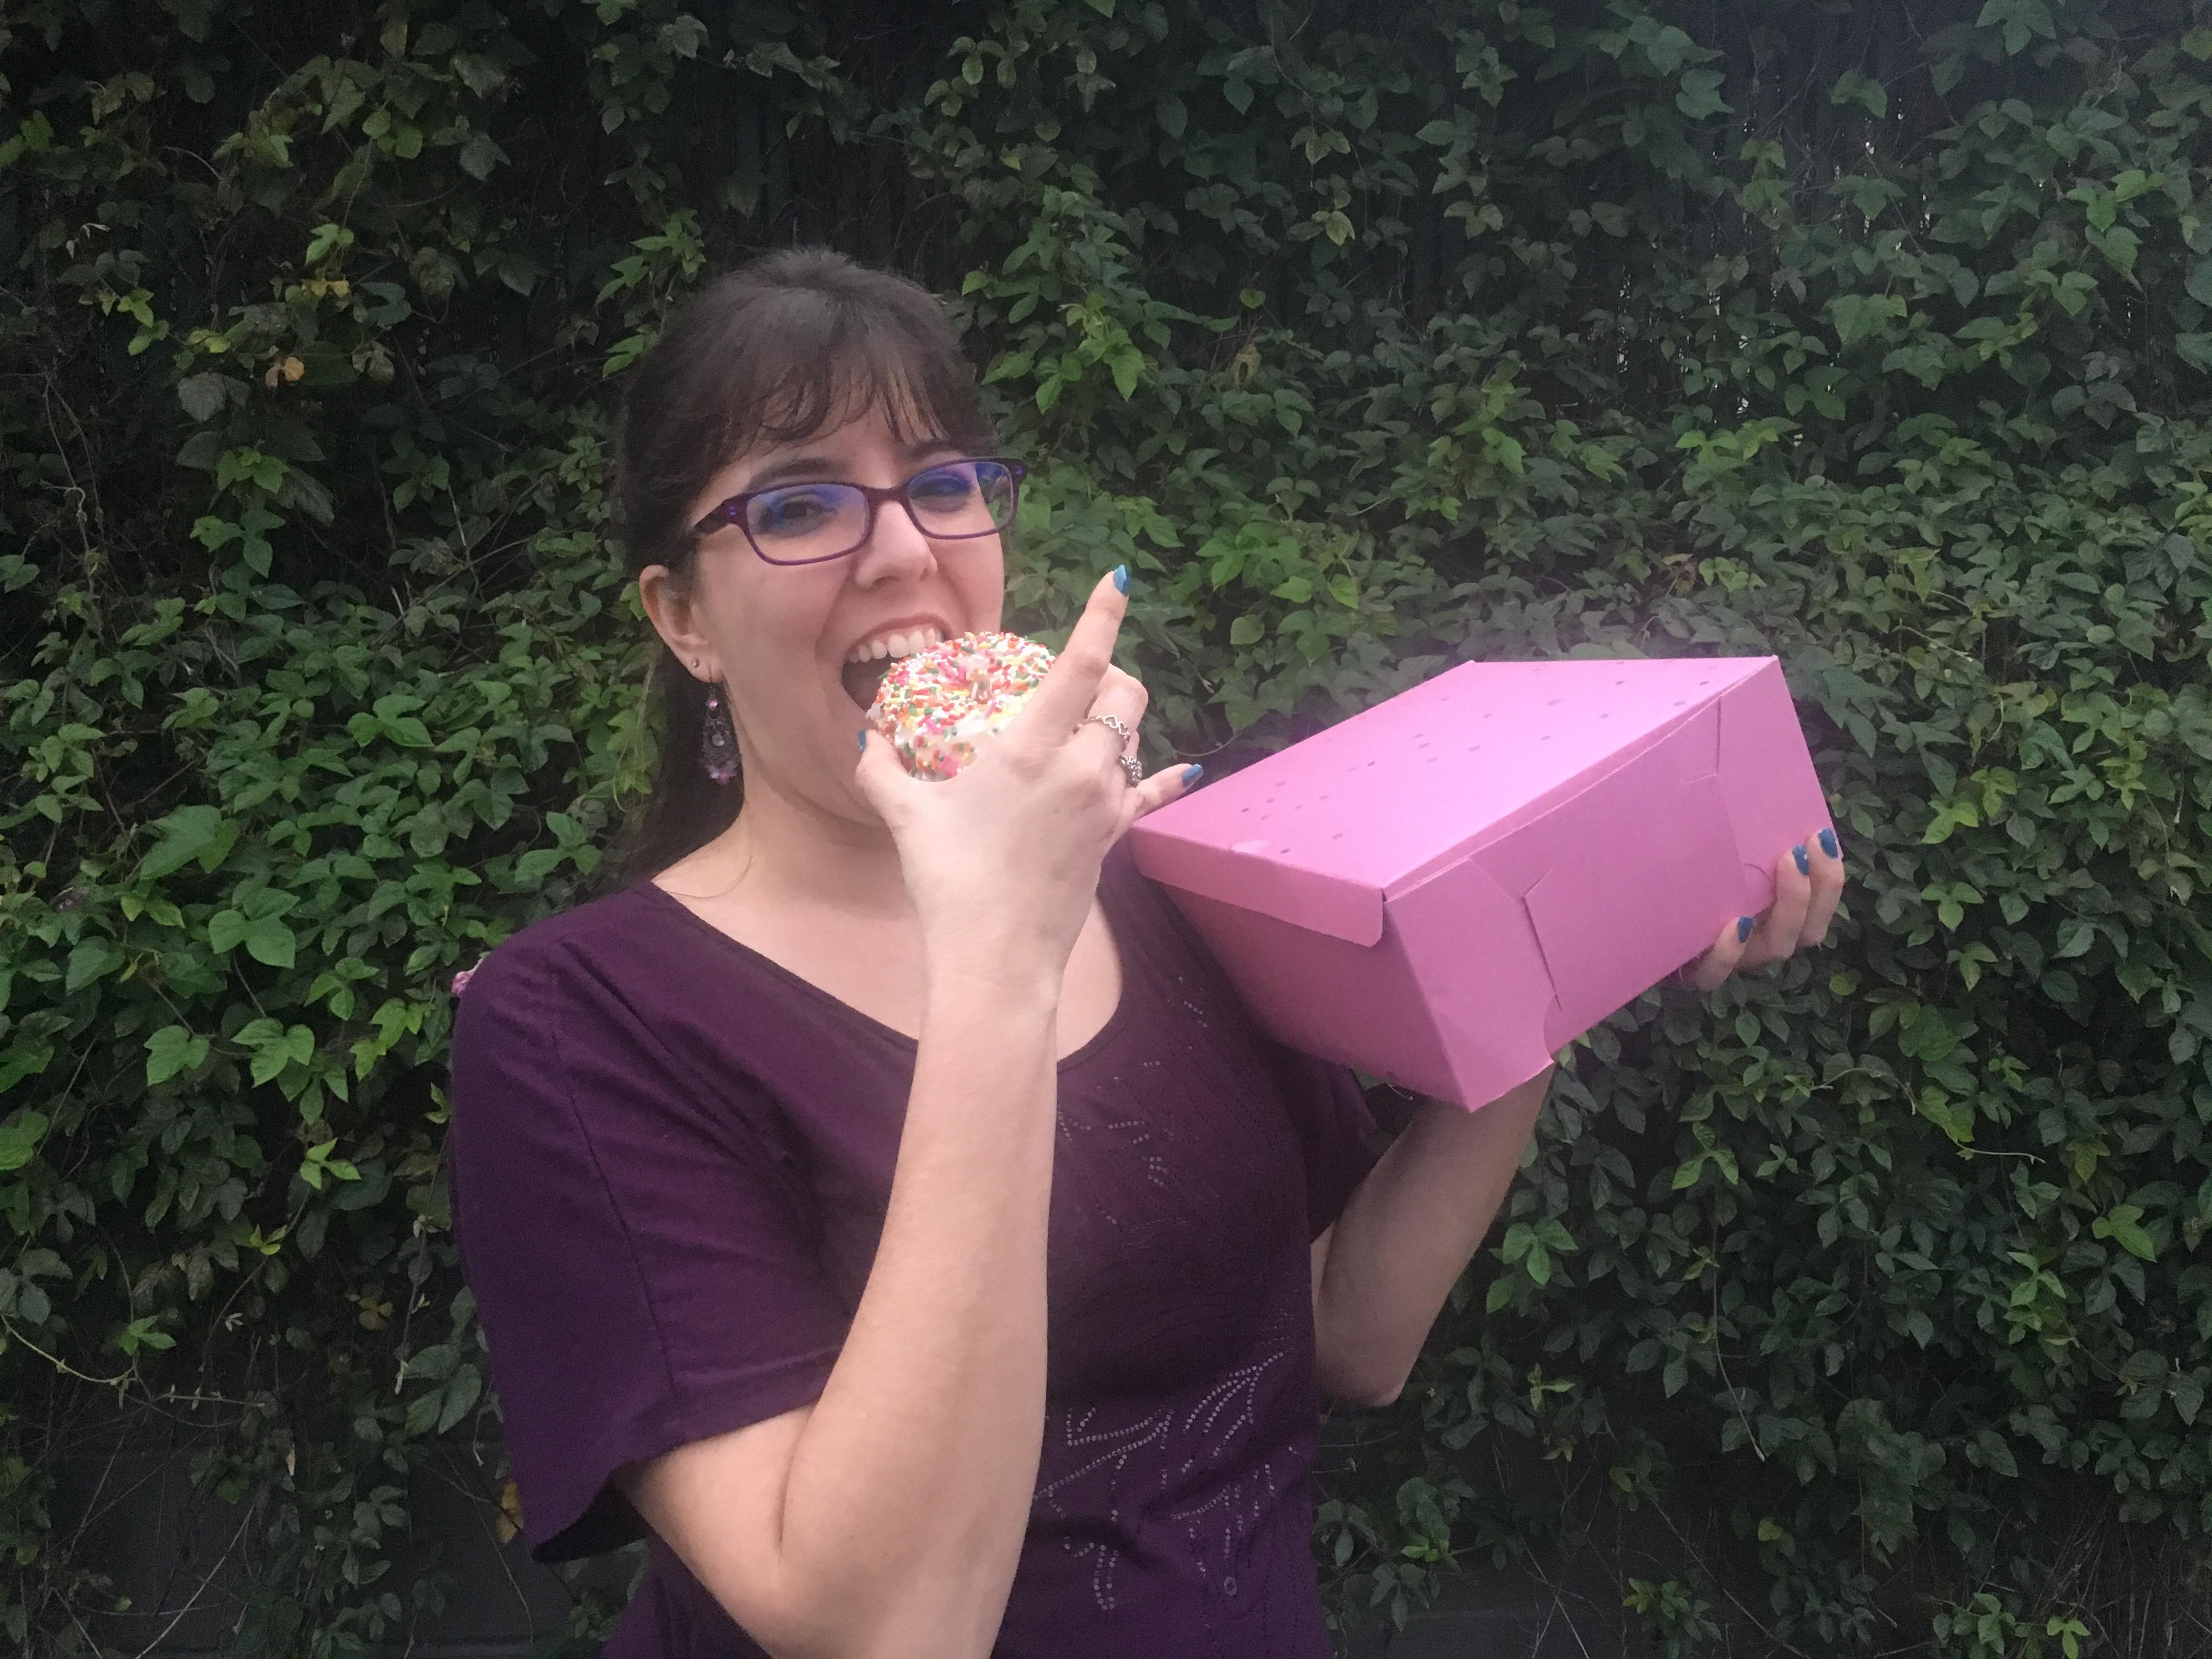 3 year anniversary with SCORE is the doughnut anniversary